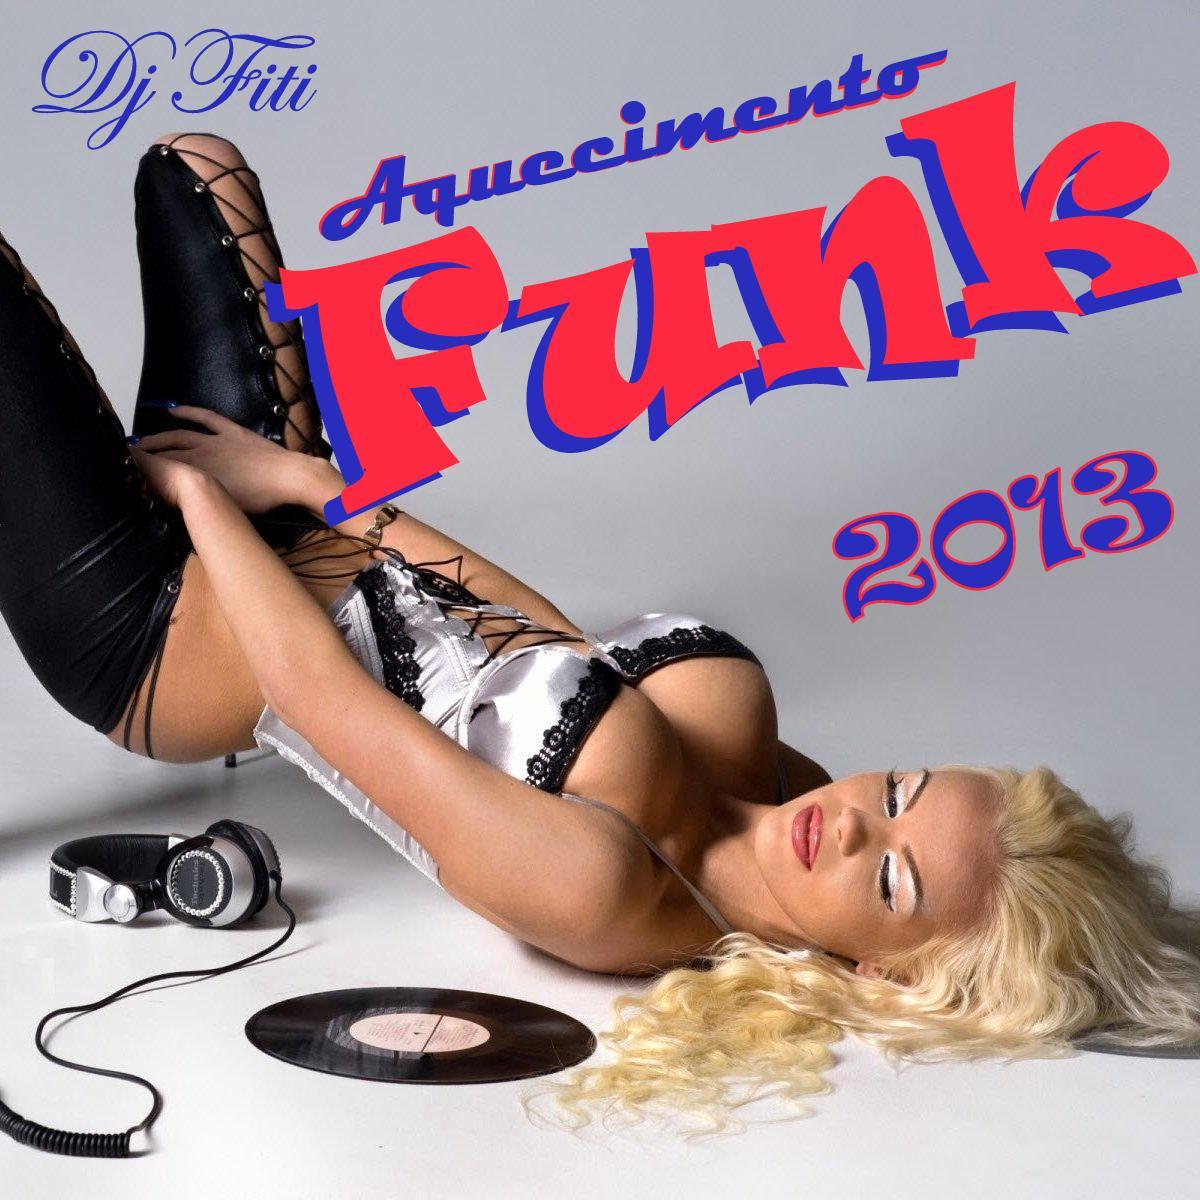 Aquecimento+Funk+2013+Dj+Fiti+(2012) Aquecimento Funk 2013